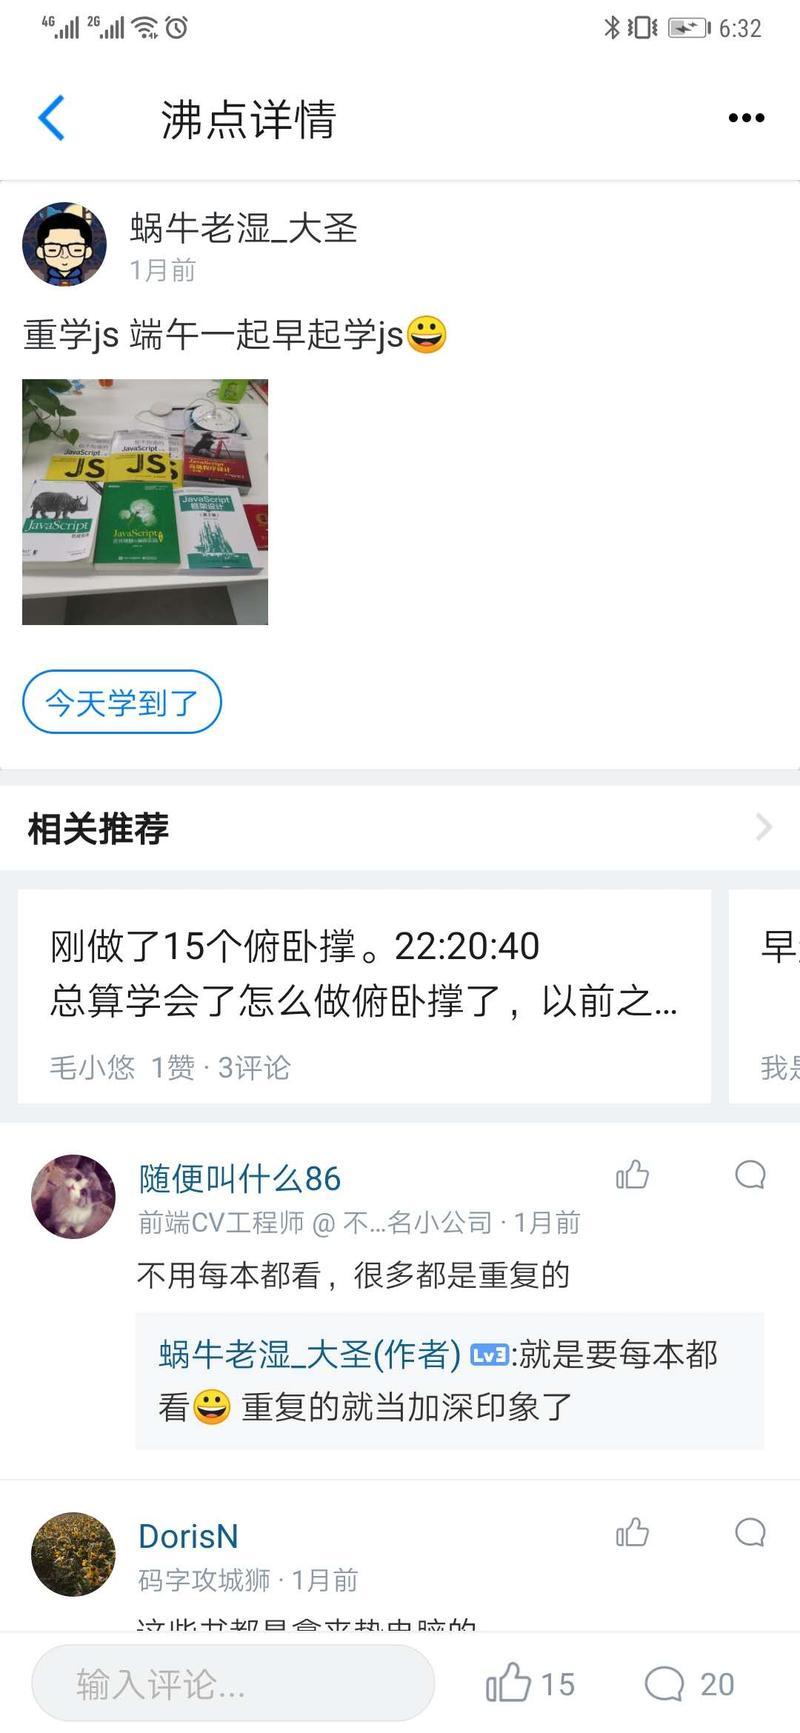 花果山大圣于2020-08-04 14:57发布的图片